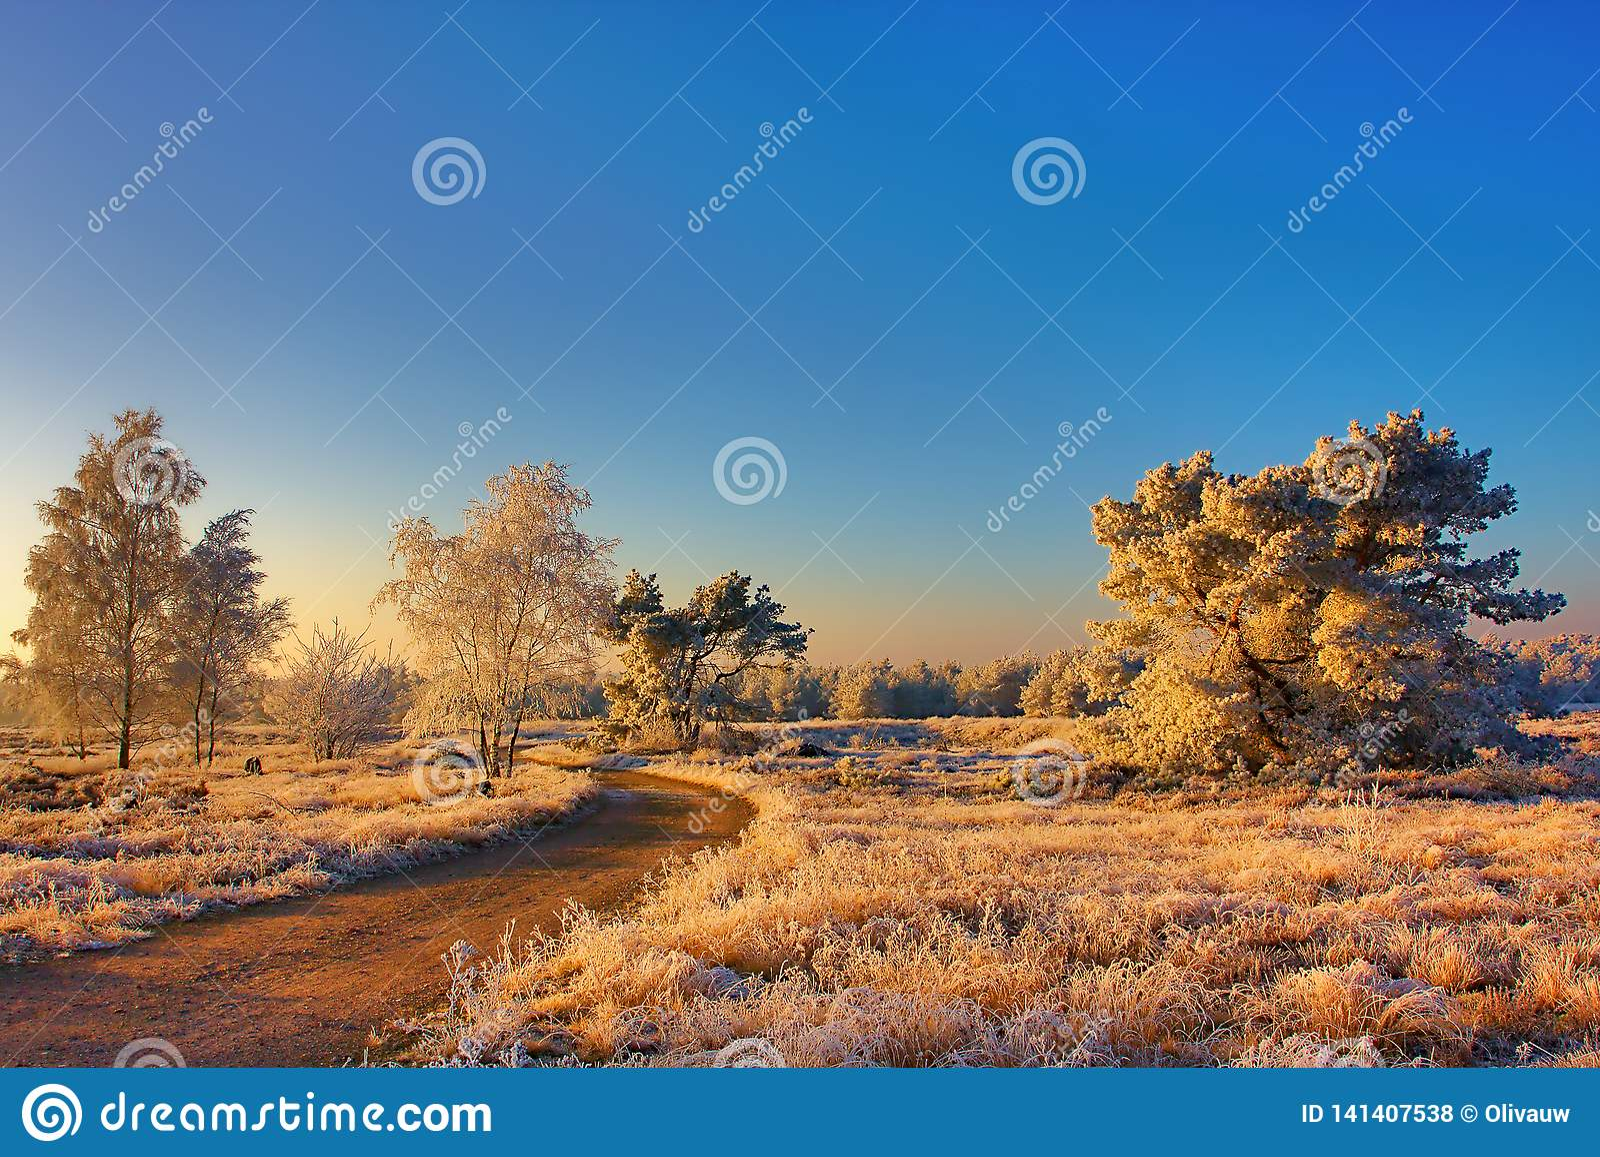 Bevroren landschap in het ochtendlicht